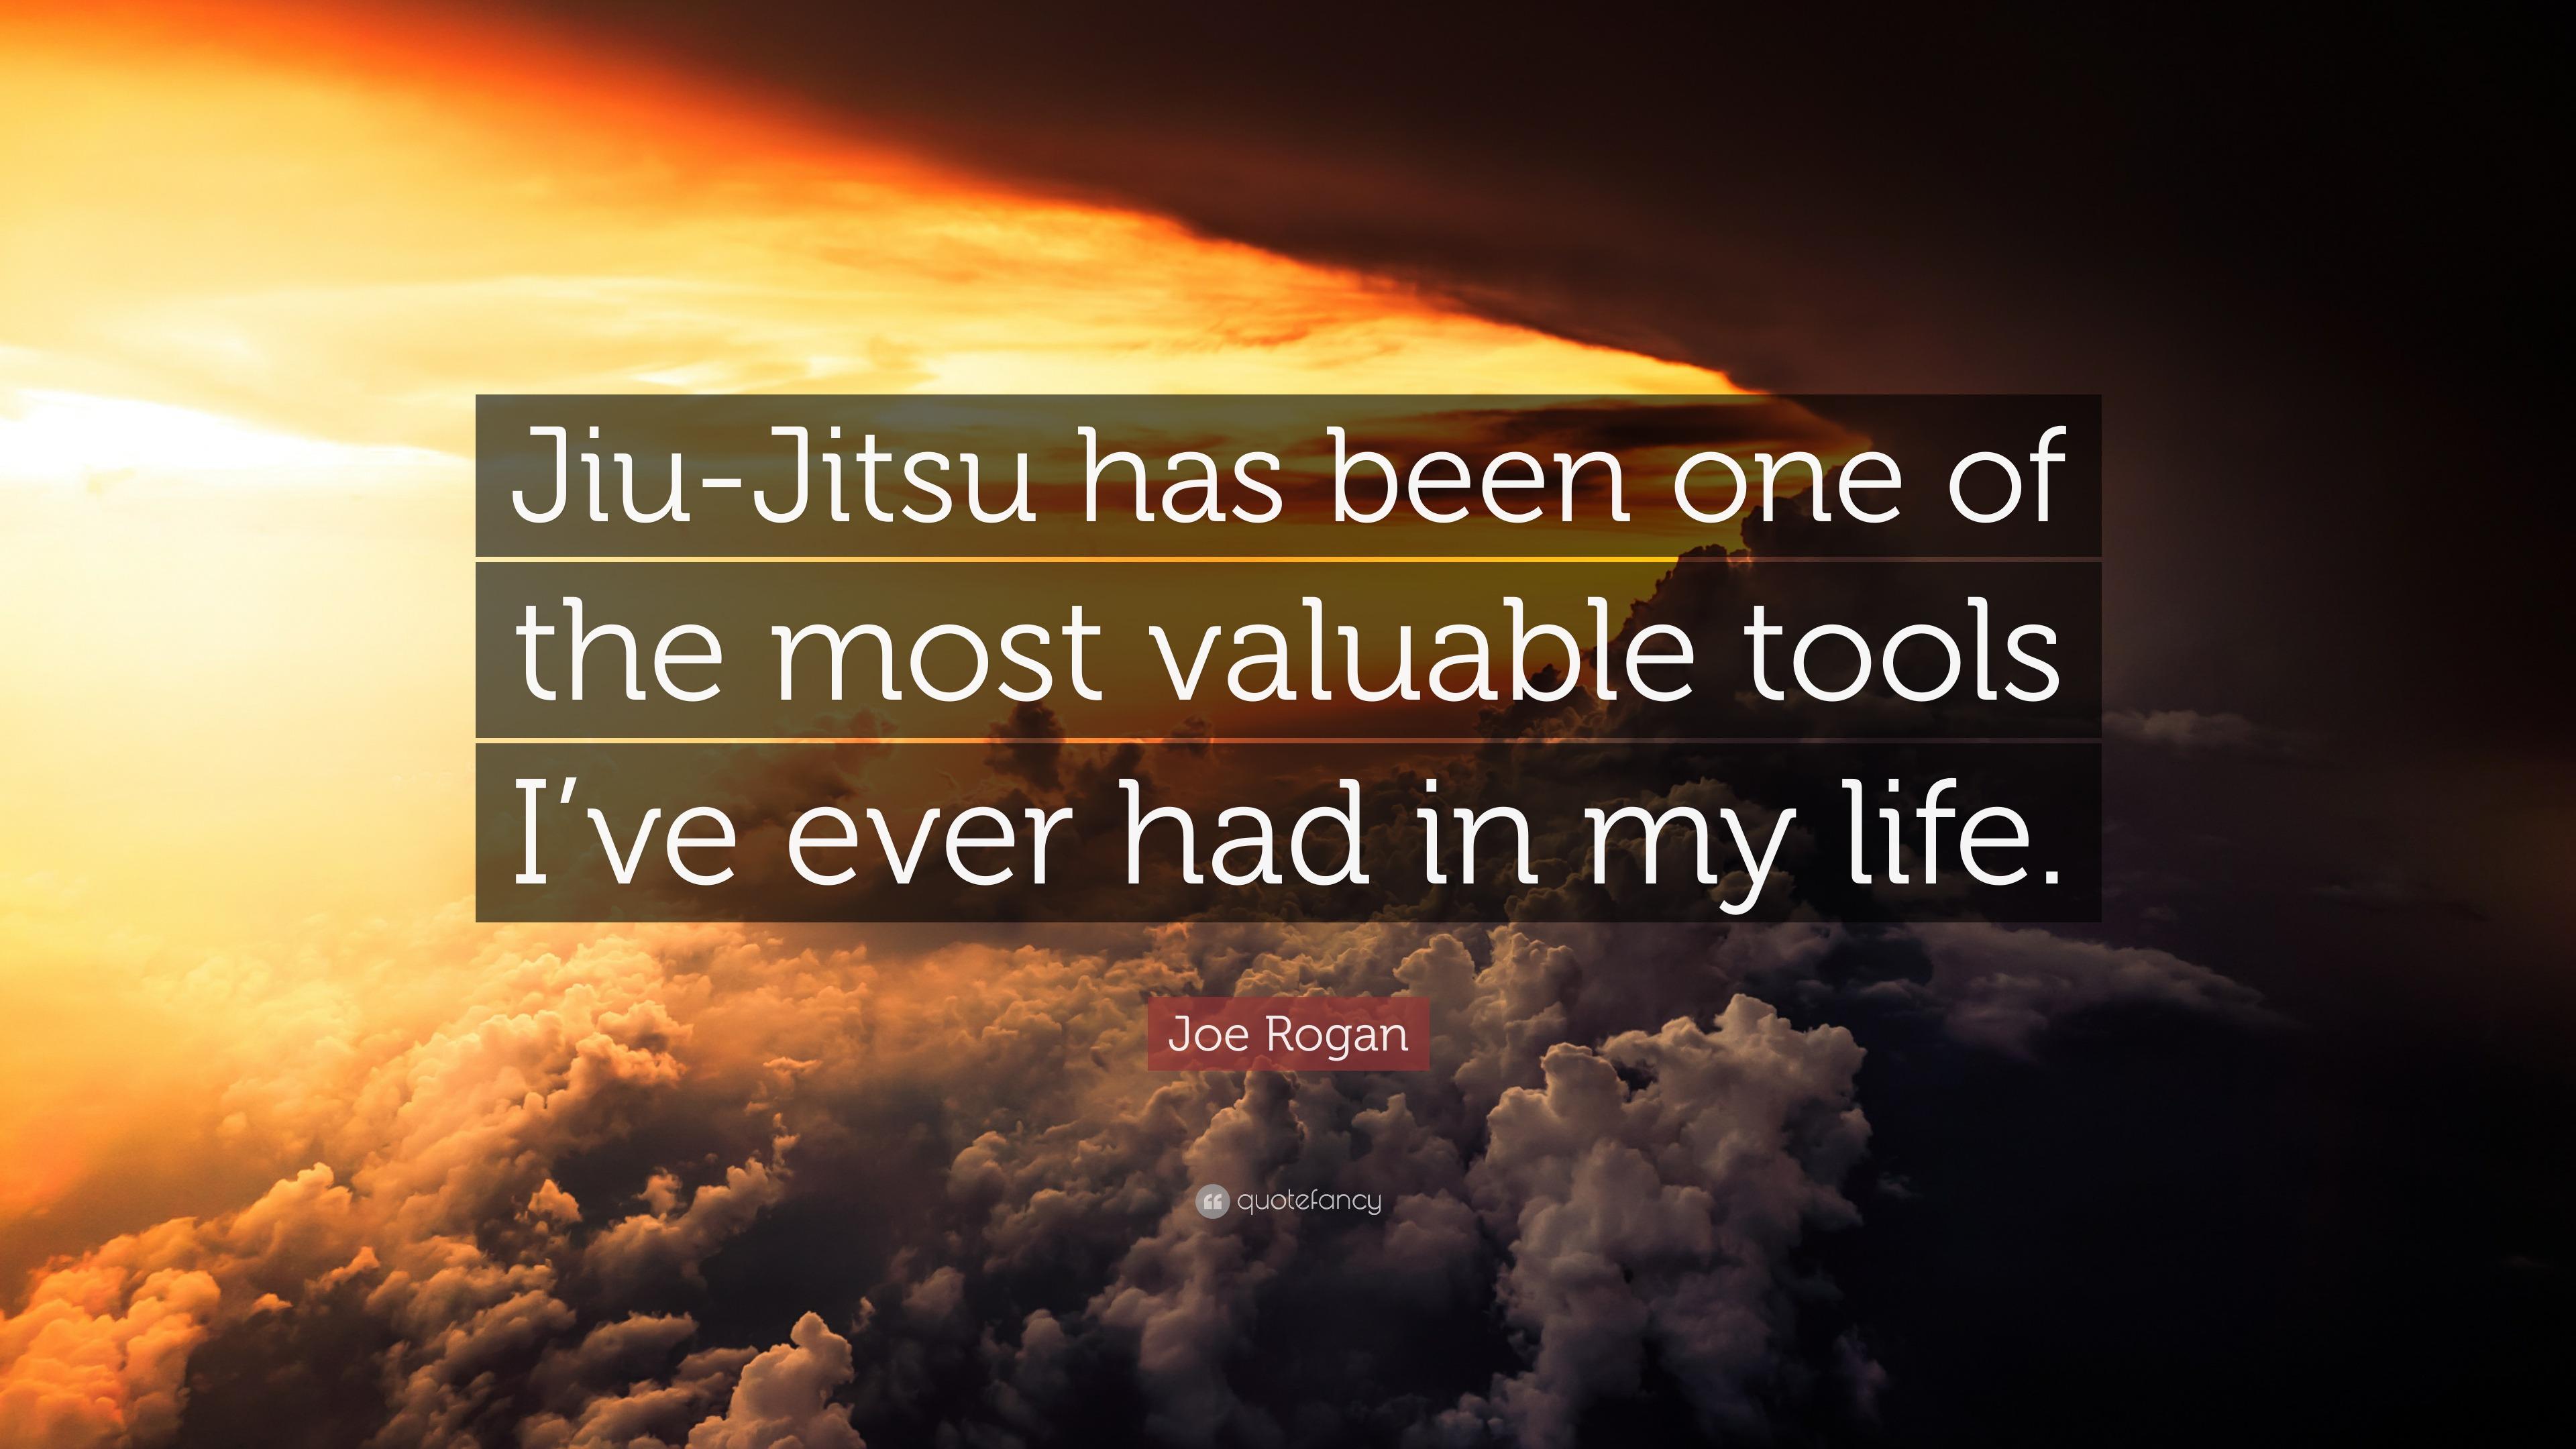 Joe rogan quote jiu jitsu has been one of the most valuable tools joe rogan quote jiu jitsu has been one of the most valuable tools voltagebd Image collections